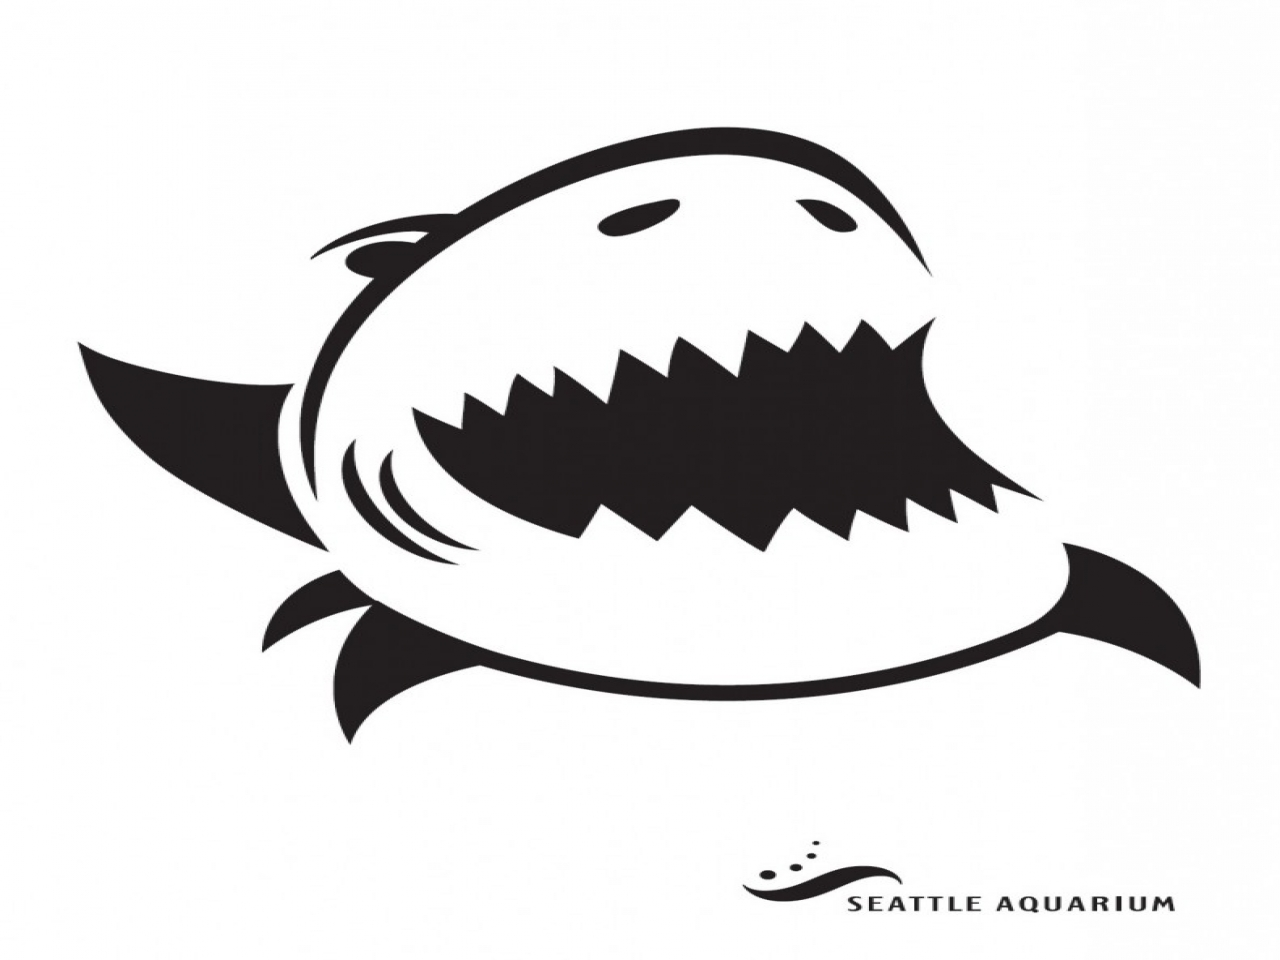 Shark stencil designs clipart best